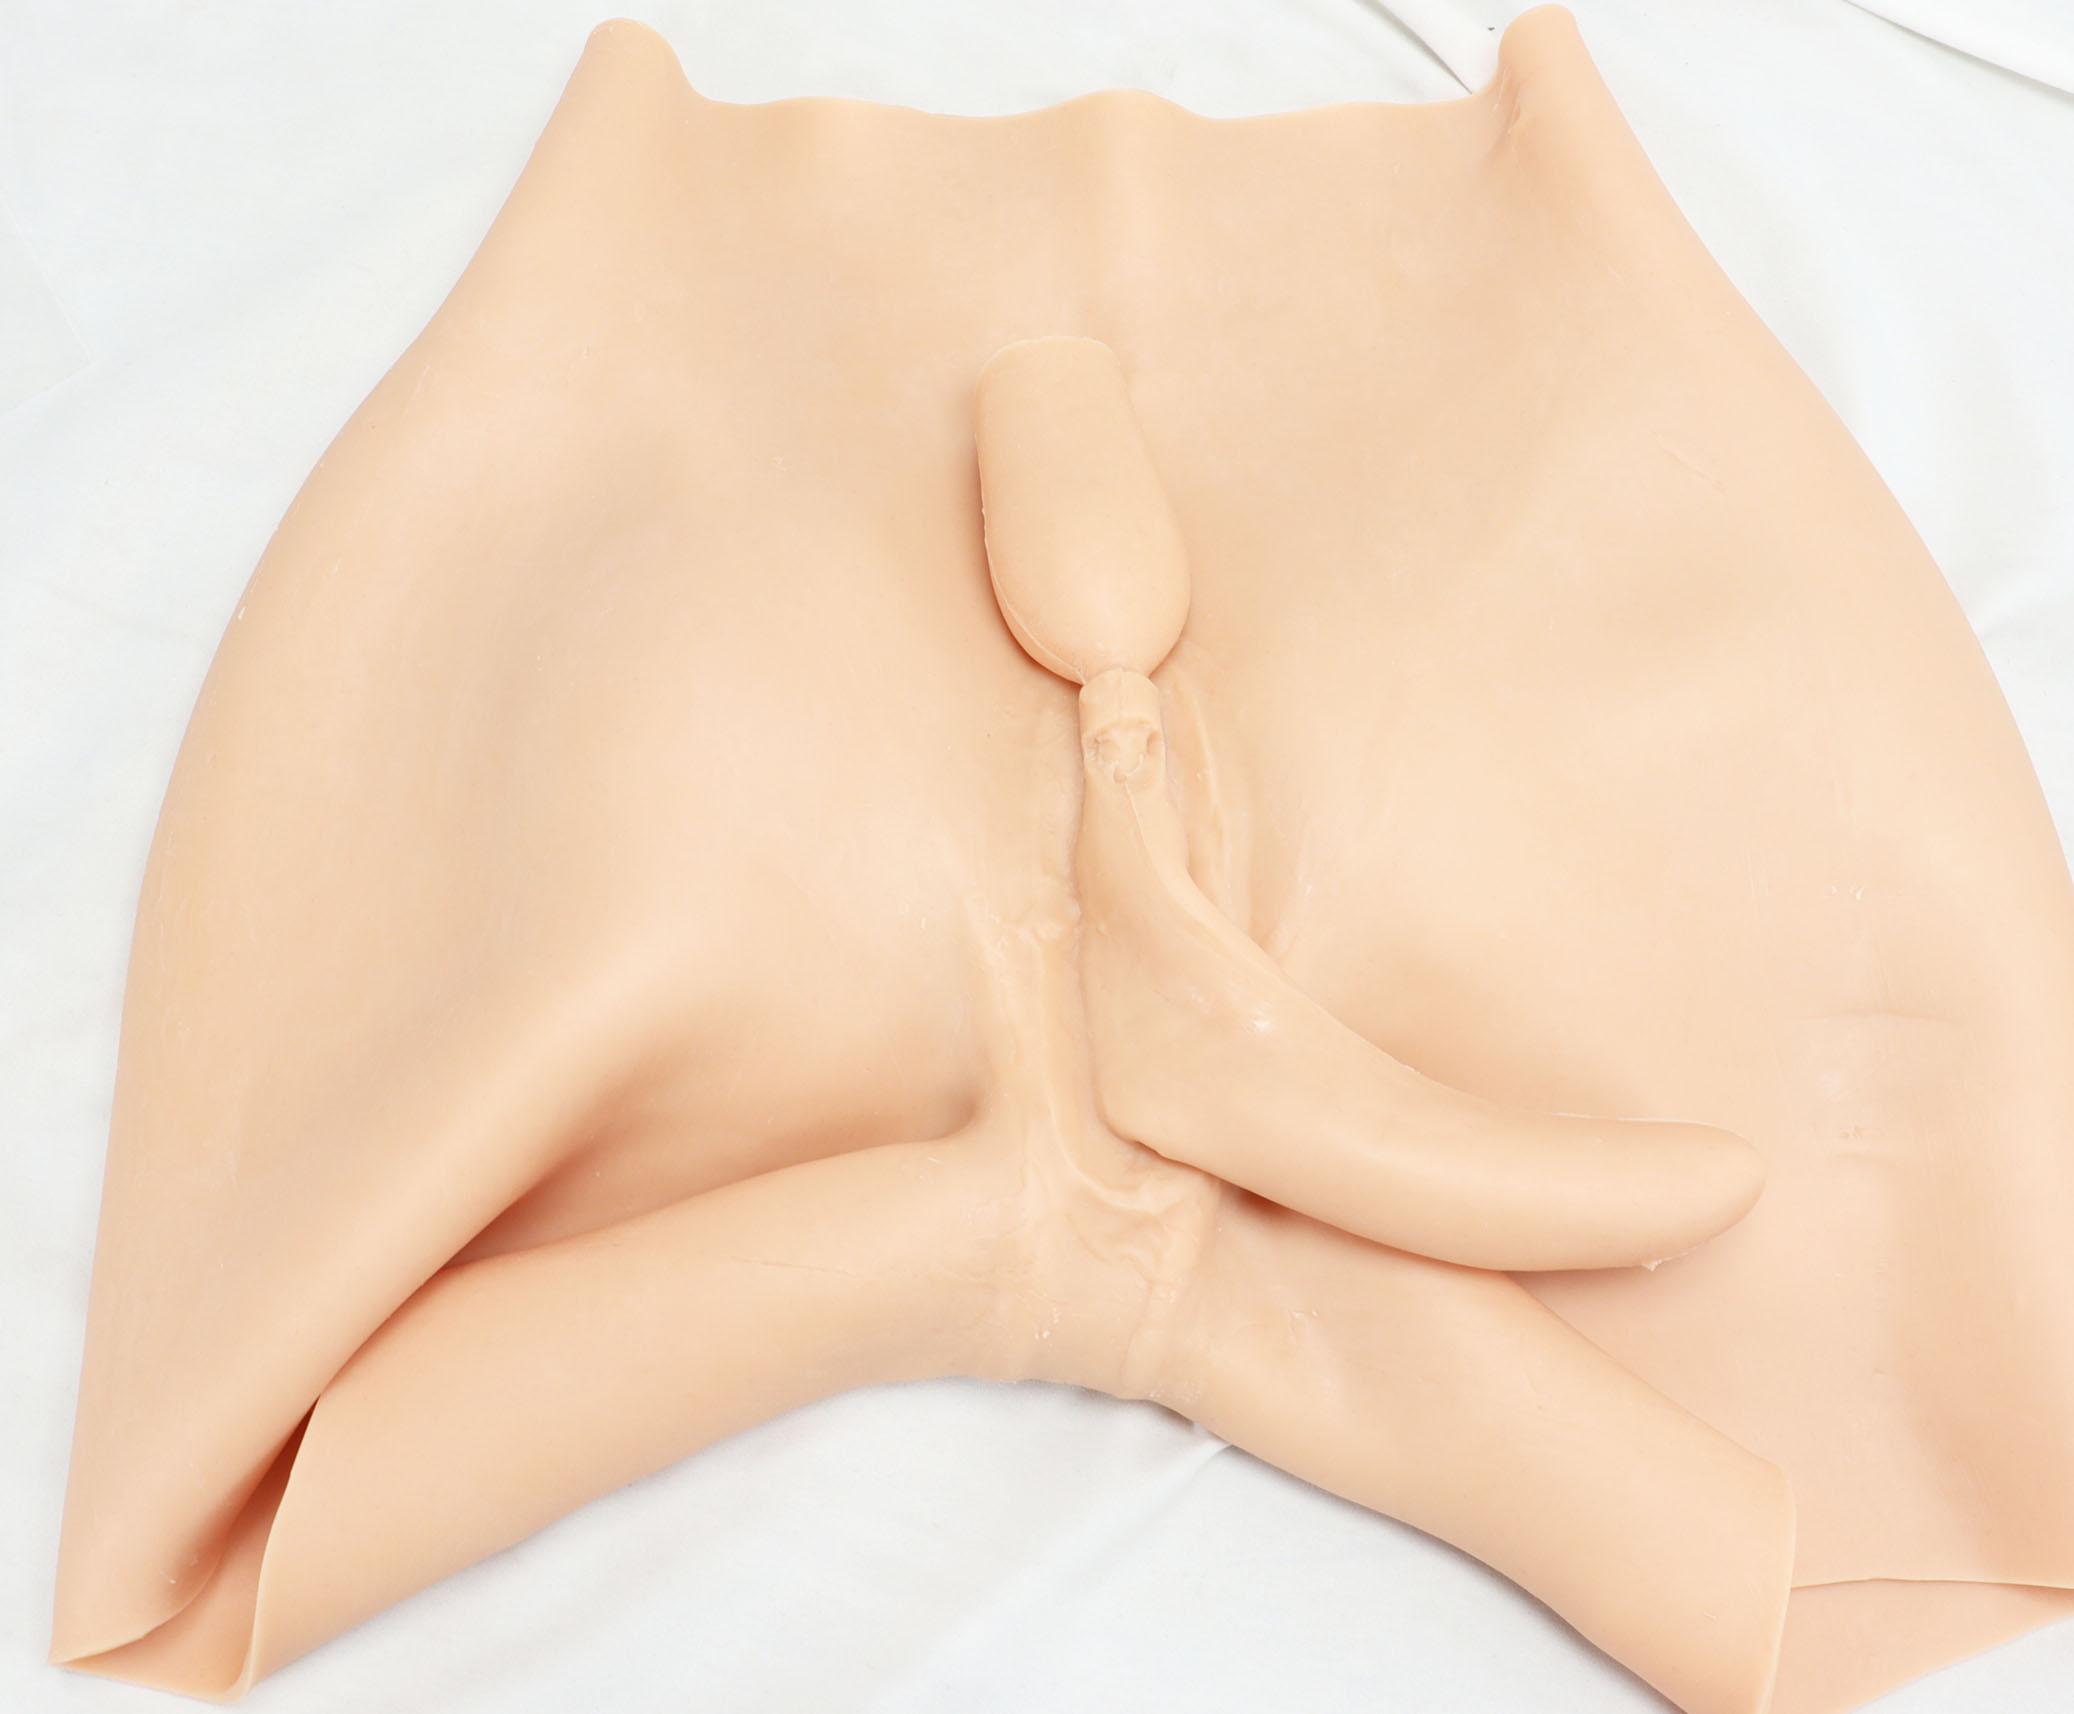 Drag-Queen Crossdressing Bigger Buttocks Vagina